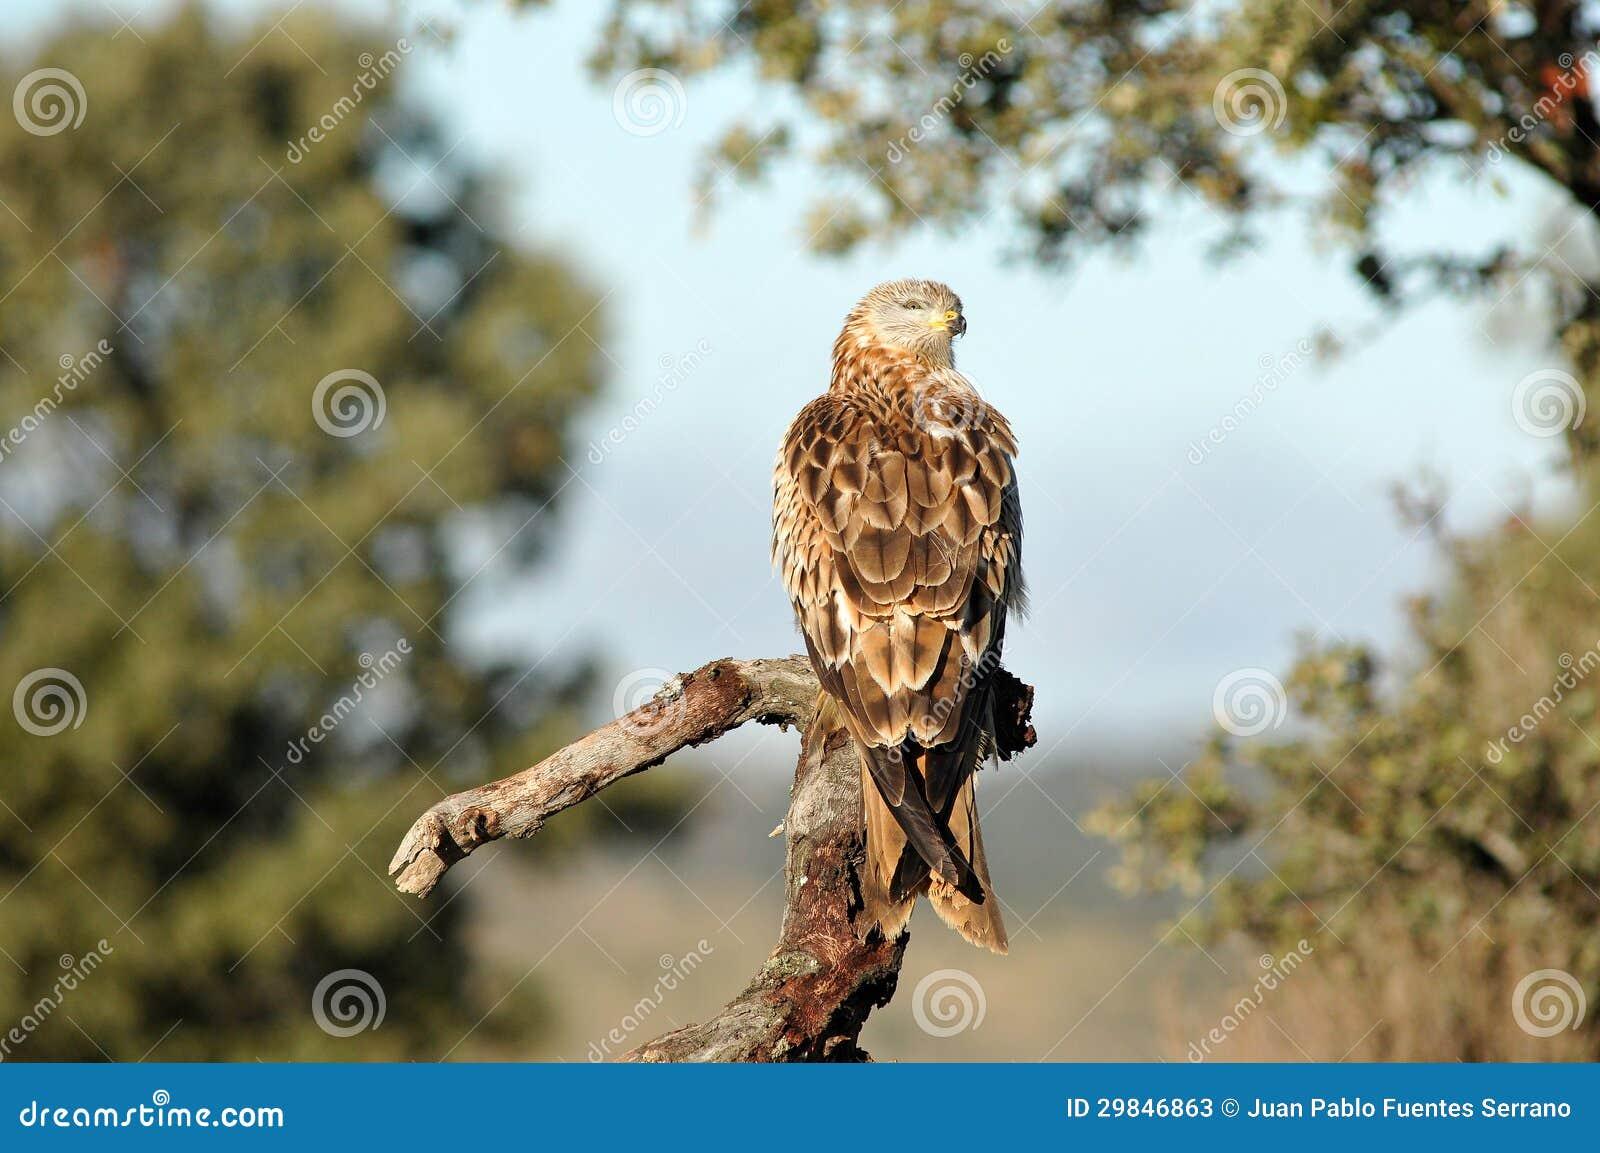 O papagaio empoleirou-se na torre de vigia de madeira no campo